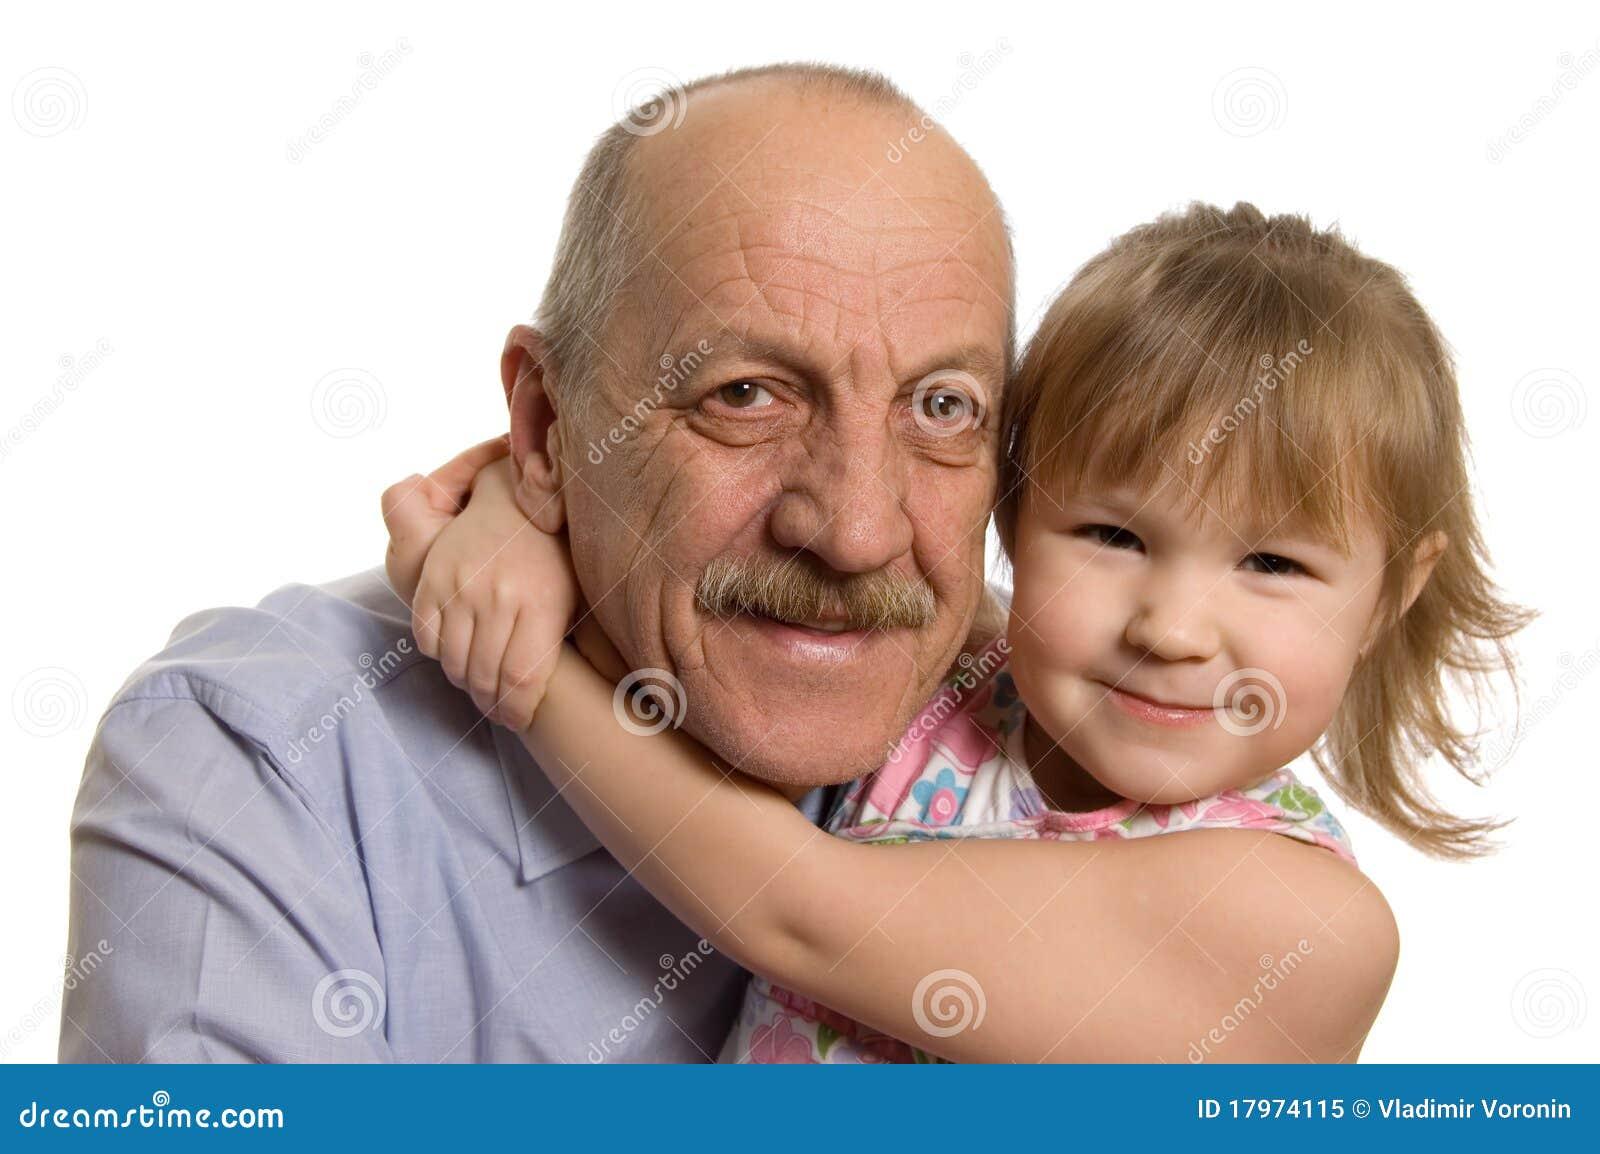 Фото совратила деда 8 фотография